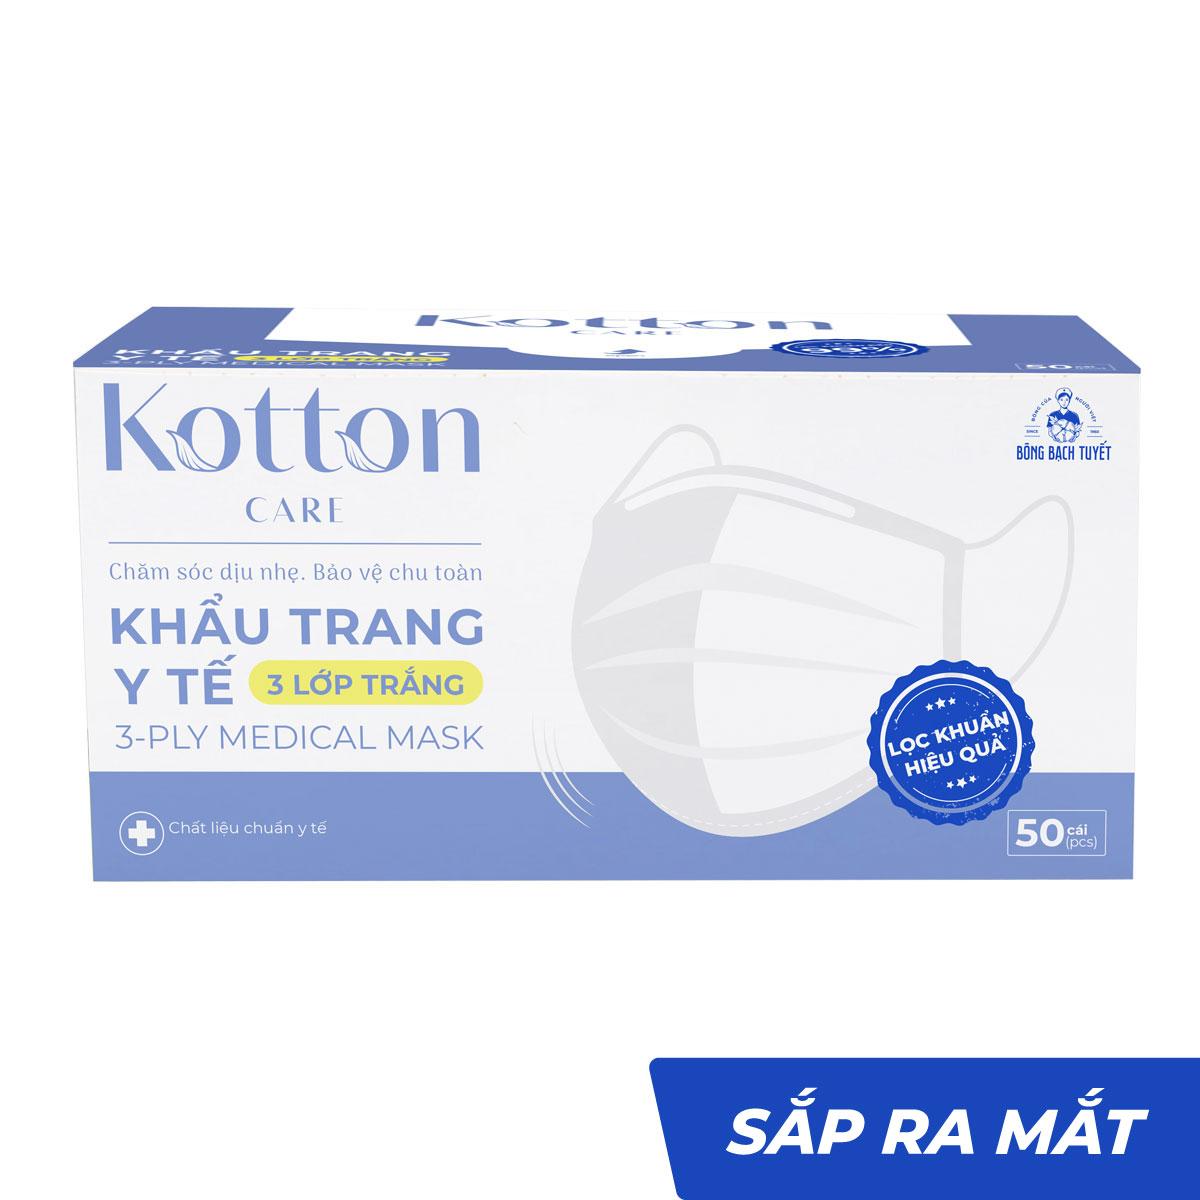 Khẩu trang y tế trắng 3 lớp 10-50 cái kháng khuẩn - Kotton Care